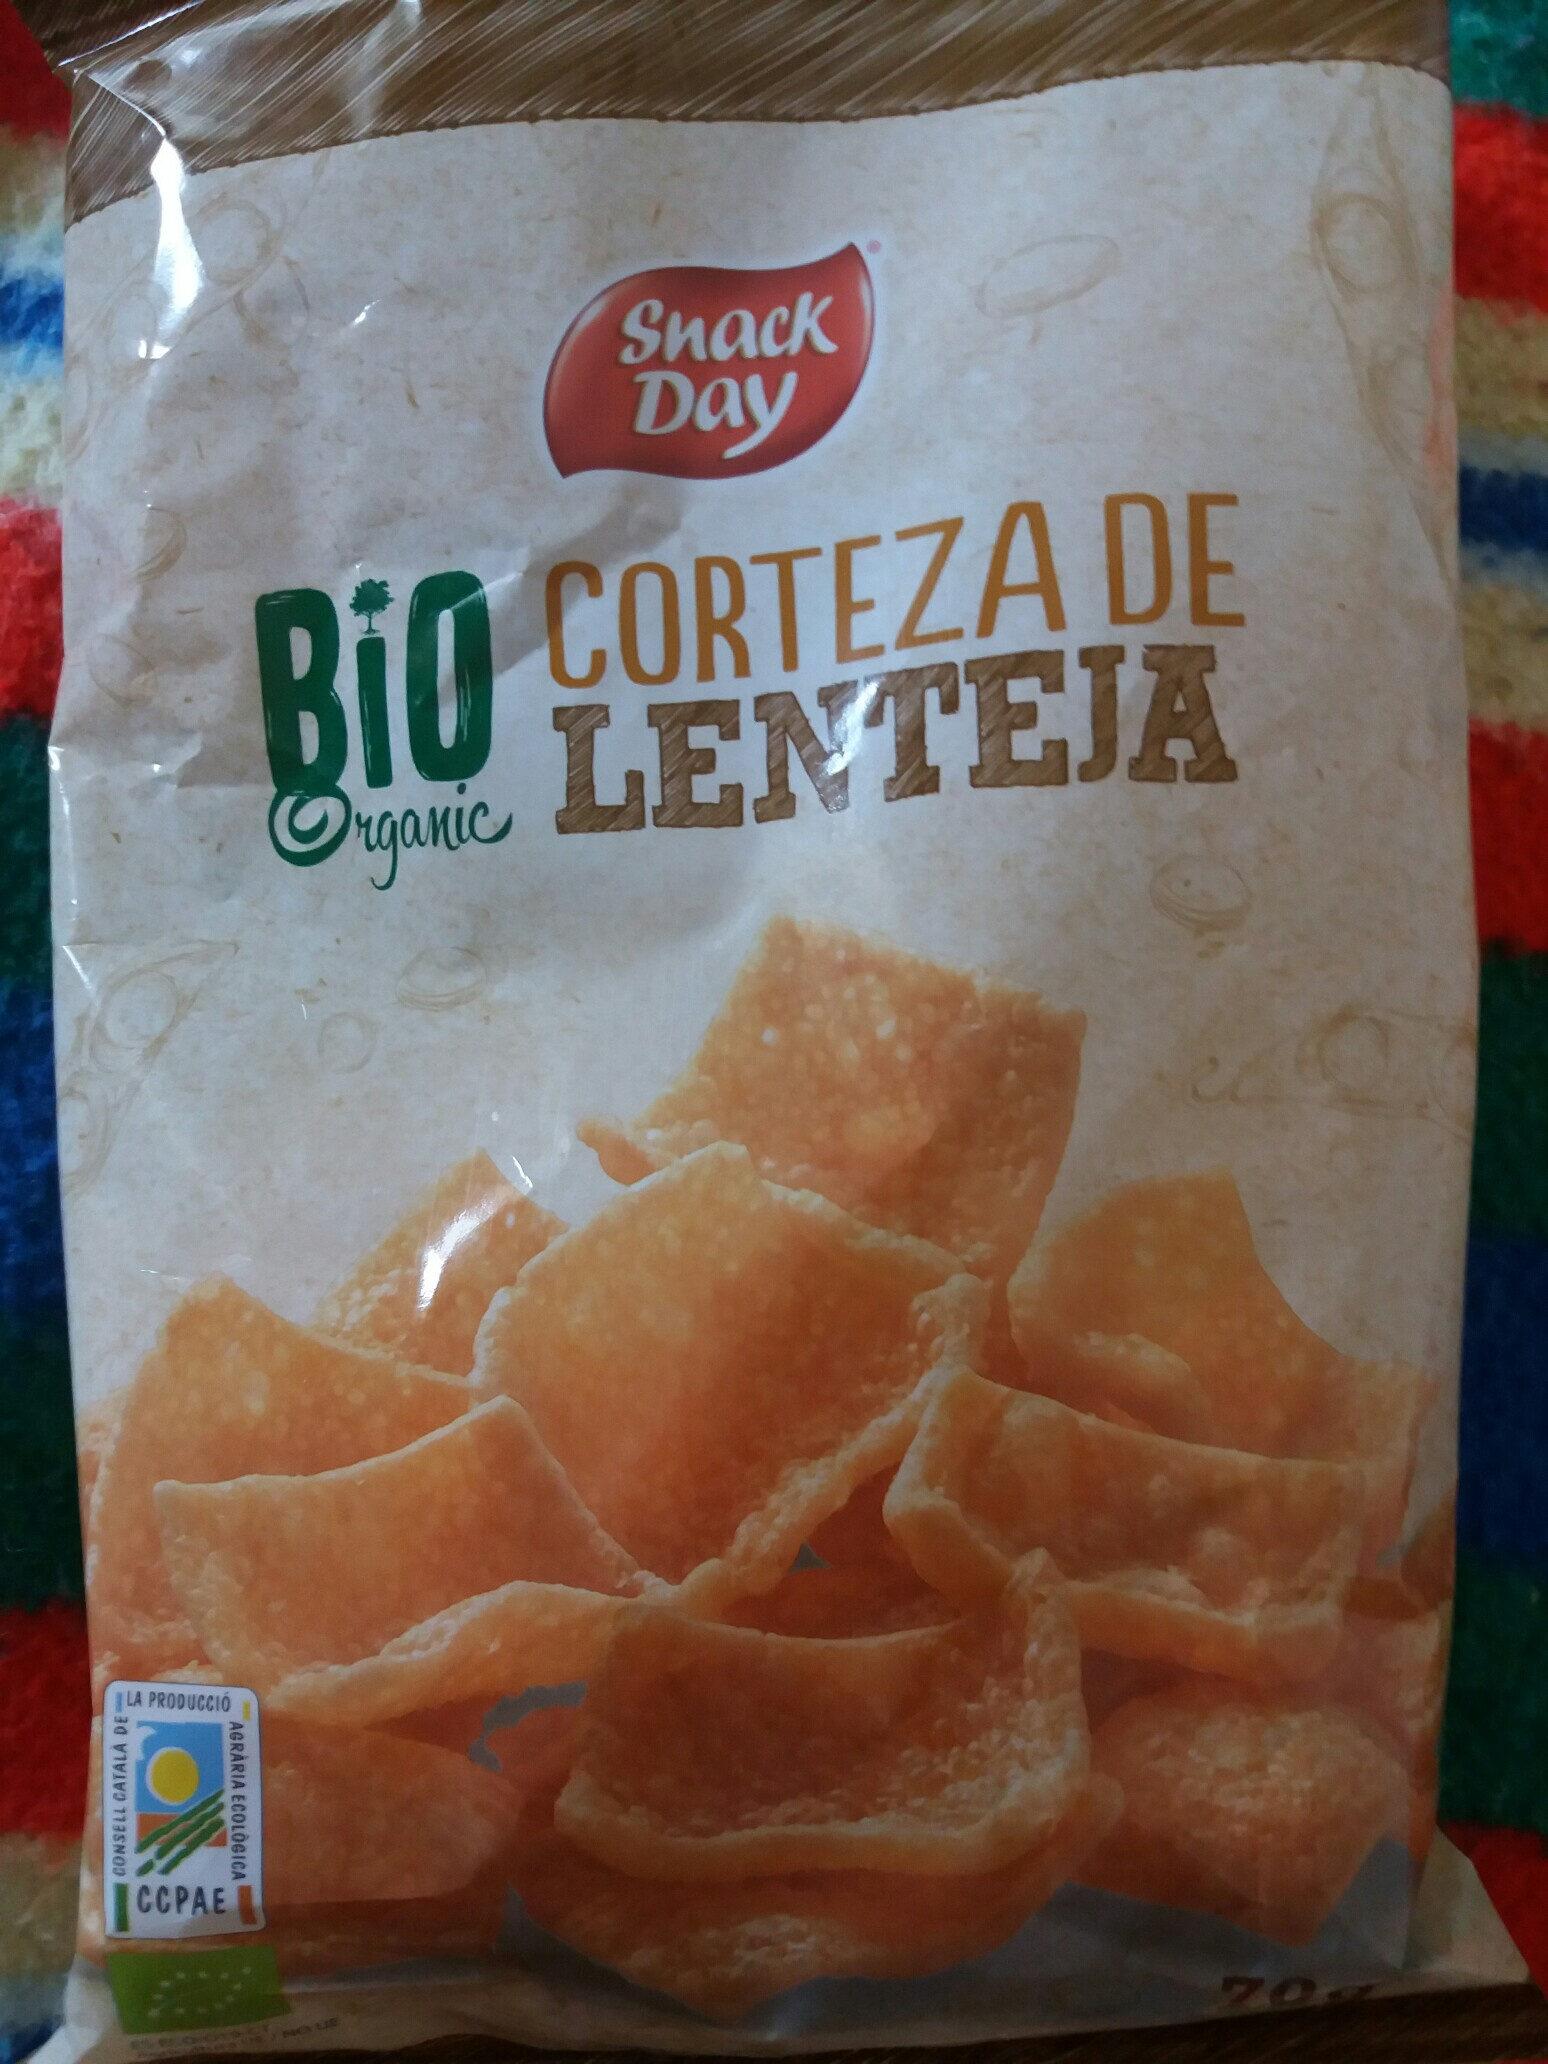 Corteza de lentejas Bio Organic - Producto